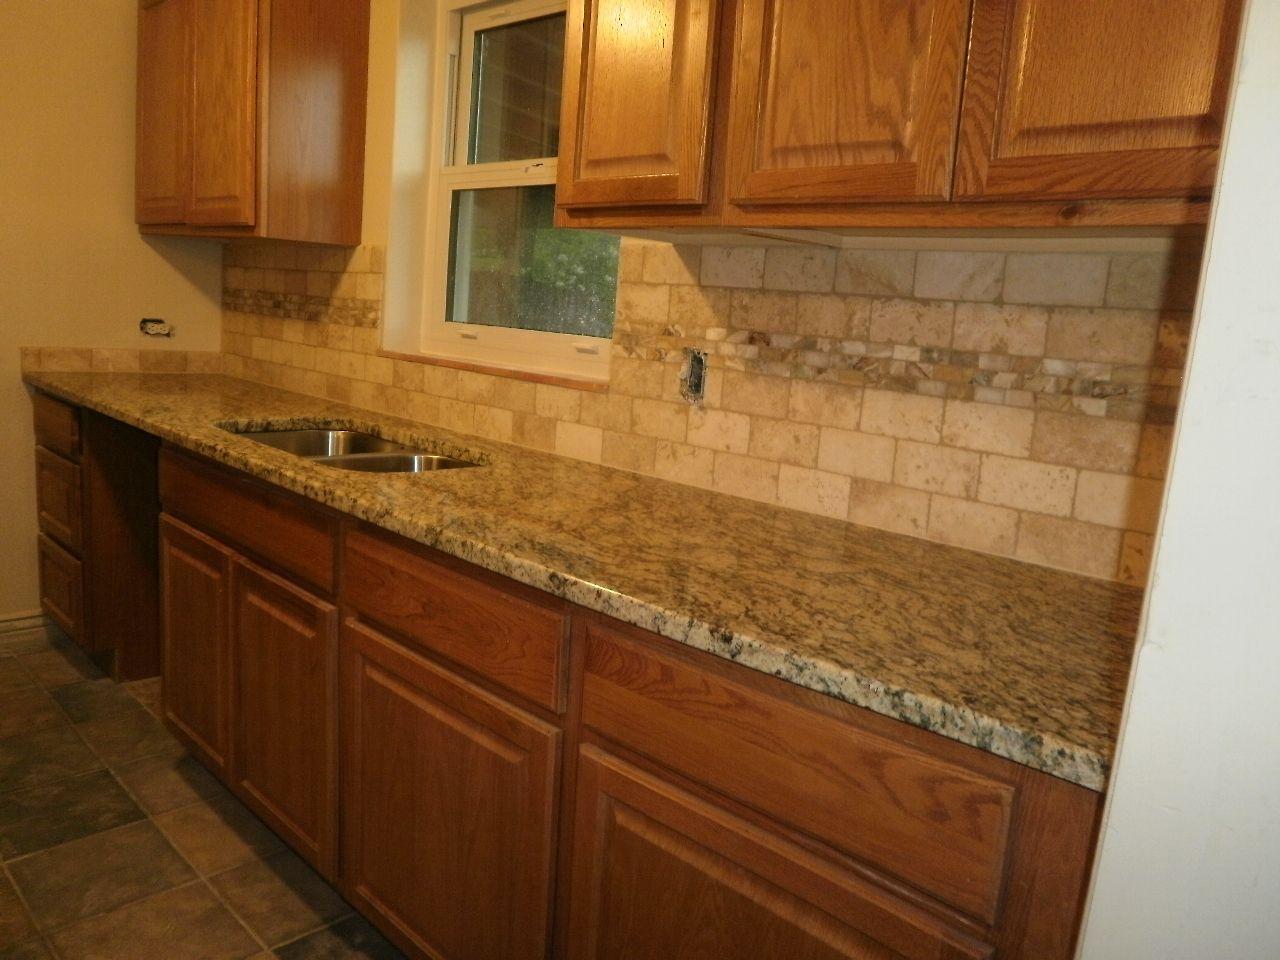 back splash kitchen tile backsplash tile backsplashes with granite countertops Kitchen Tile Backsplash Ideas Granite Countertops Backsplash